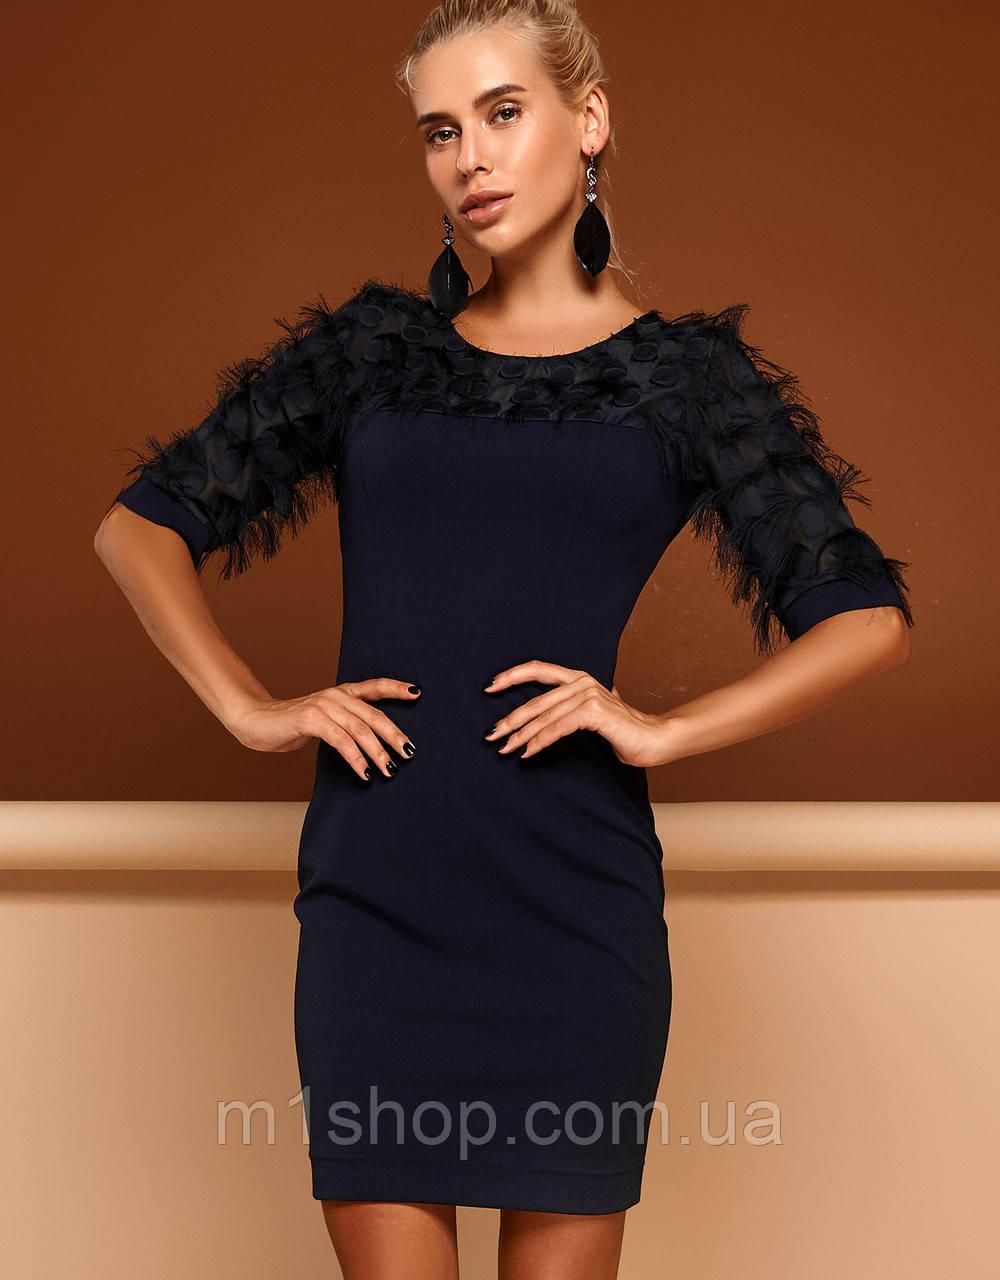 Женское вечернее платье с бахромой на рукавах (Рошельjd)